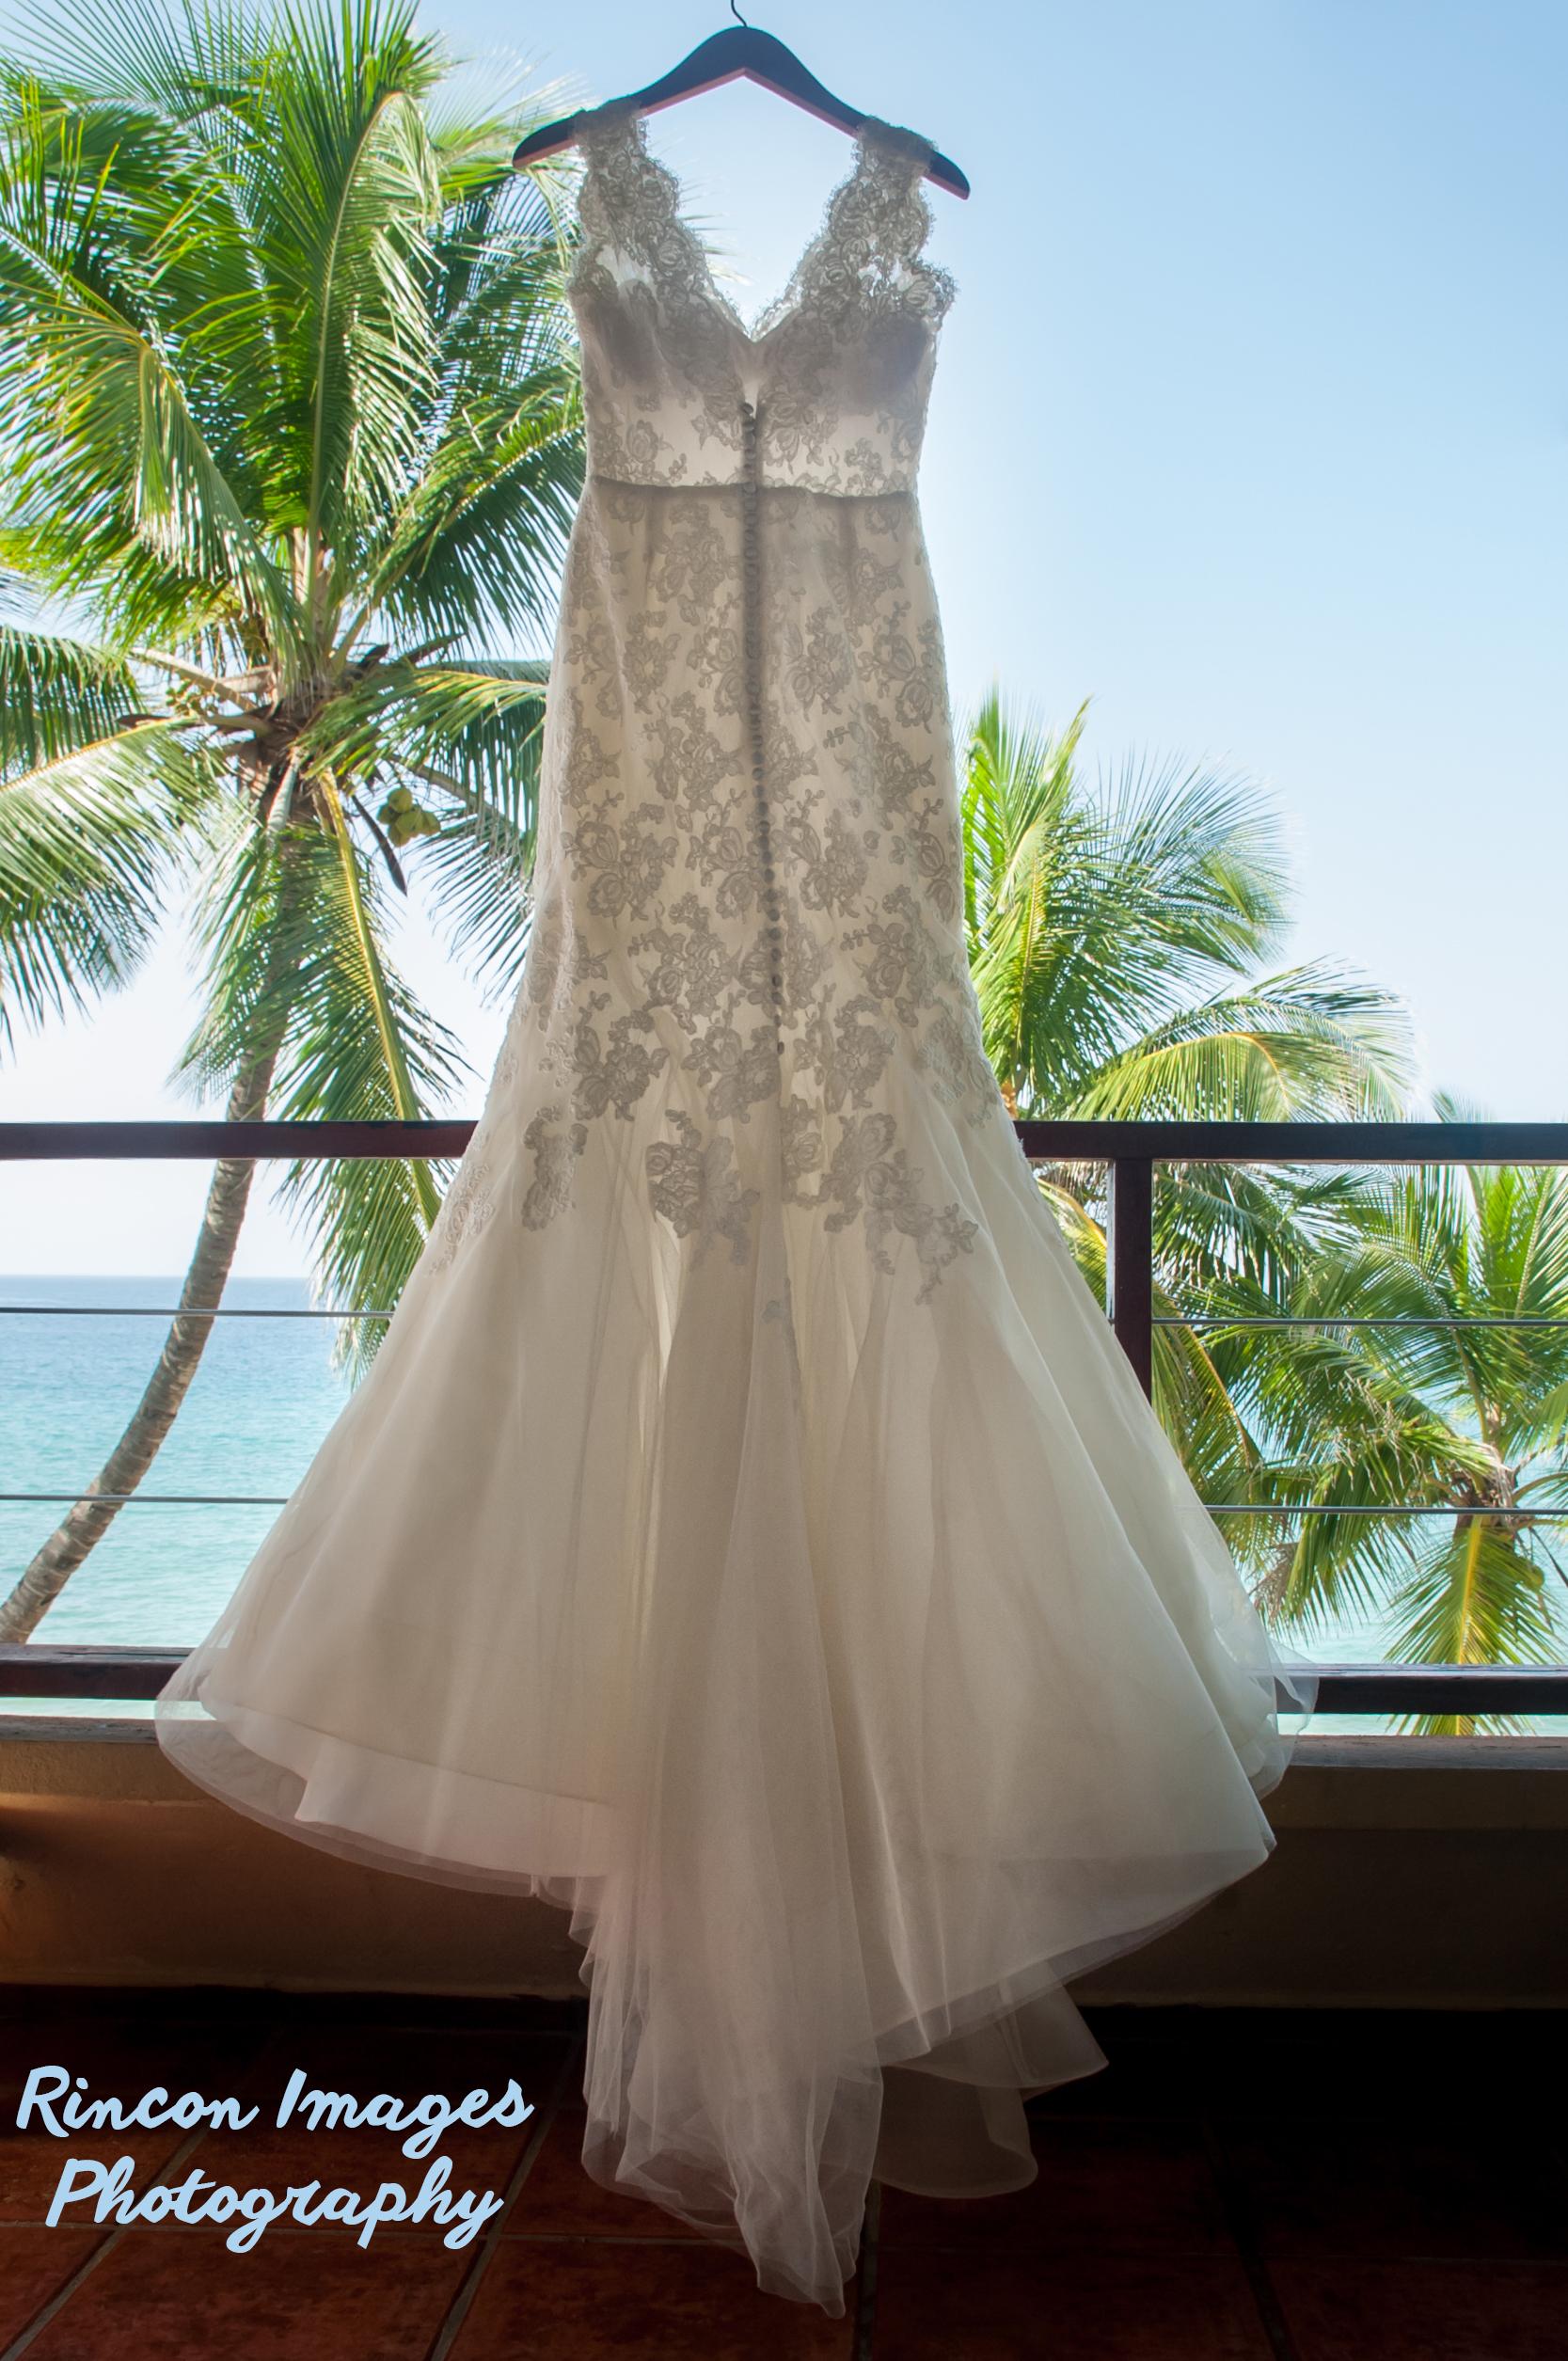 Rincon wedding brooke and evan puerto rico wedding for Puerto rico wedding dresses